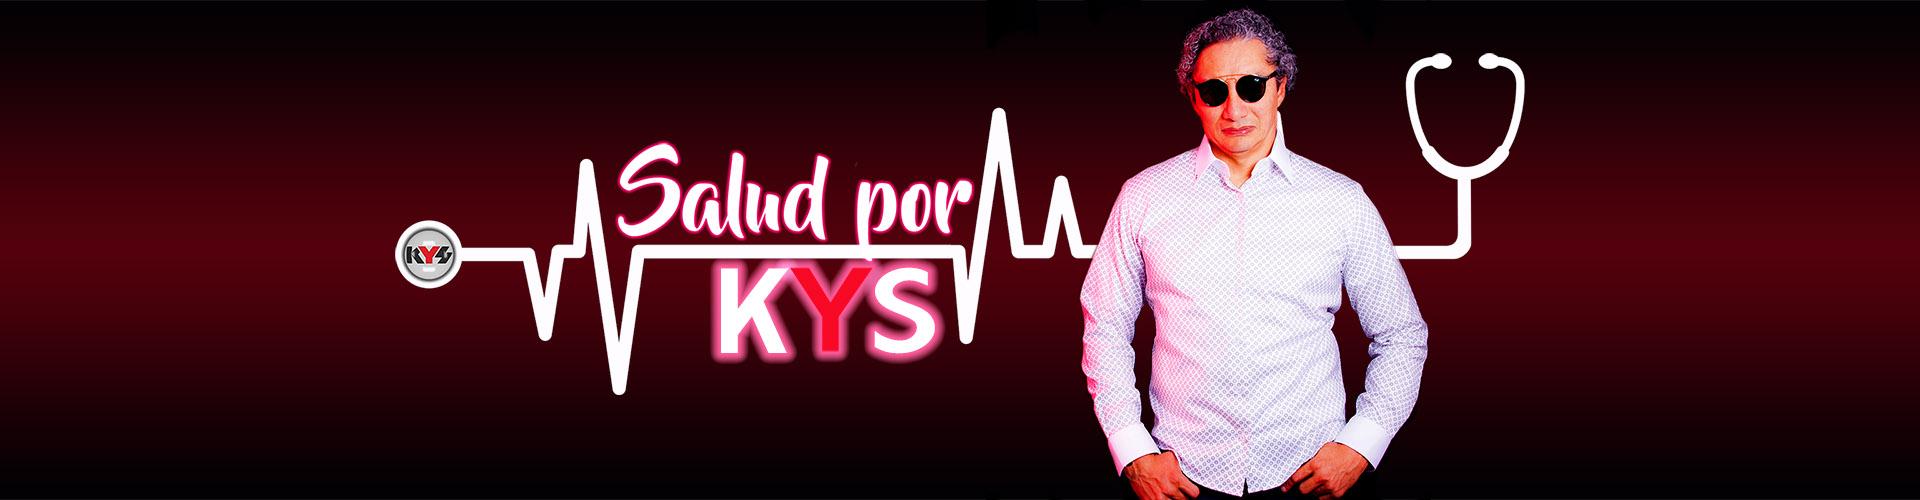 Salud por KYS500